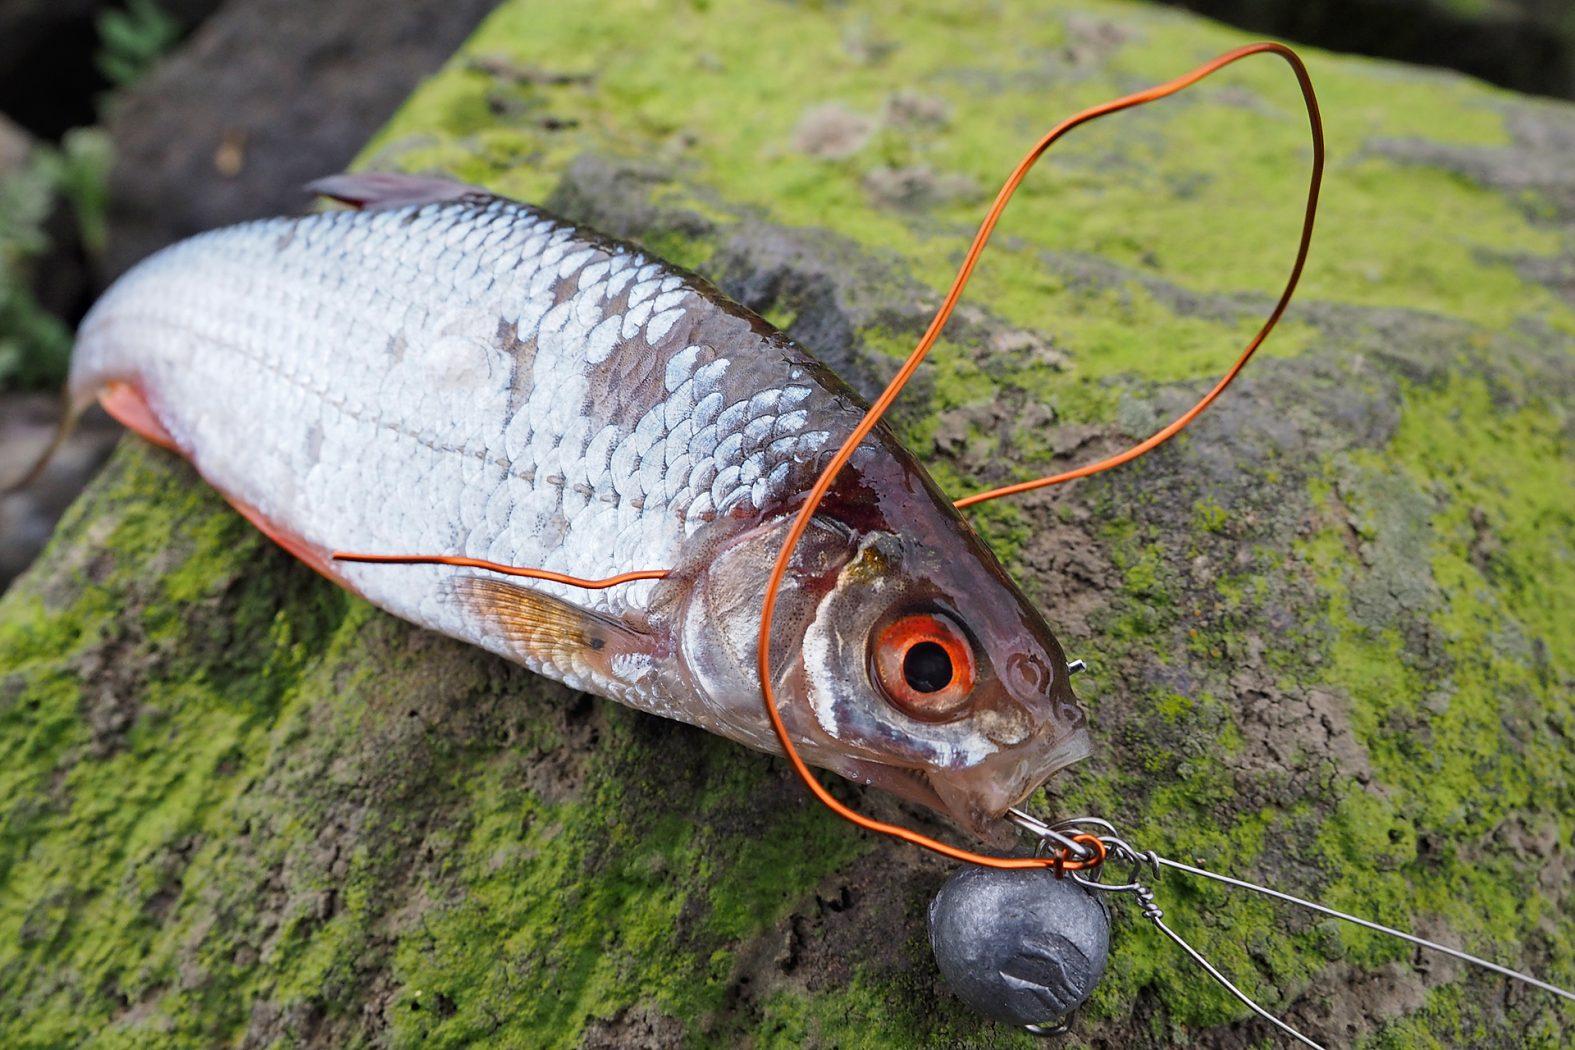 Köderfisch am System befestigen